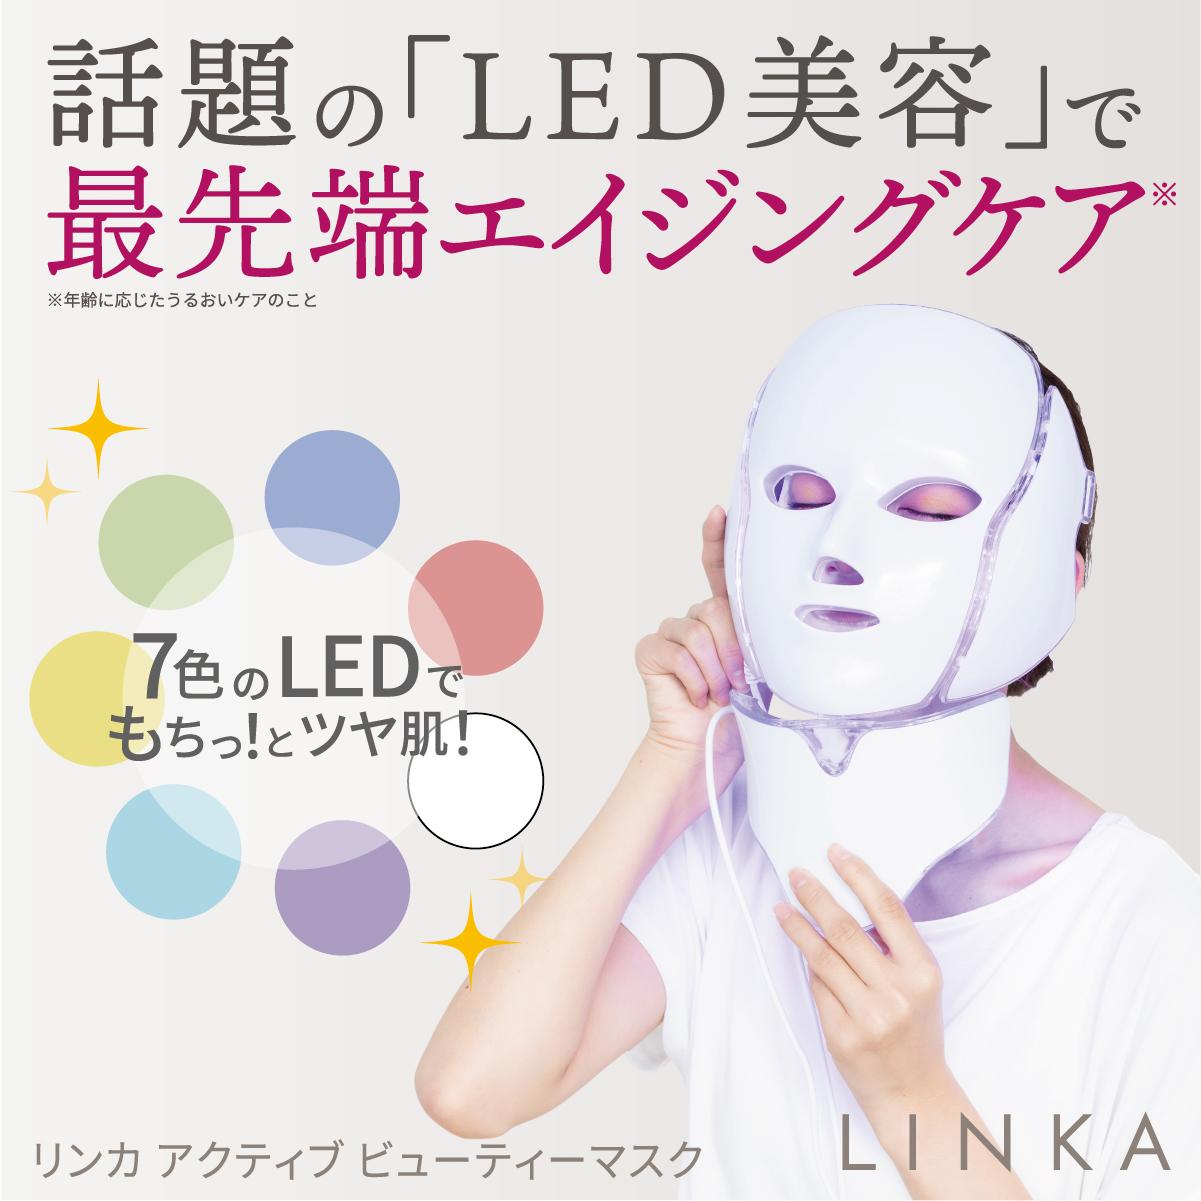 【LINKA】 リンカ 7色LED美容マスク